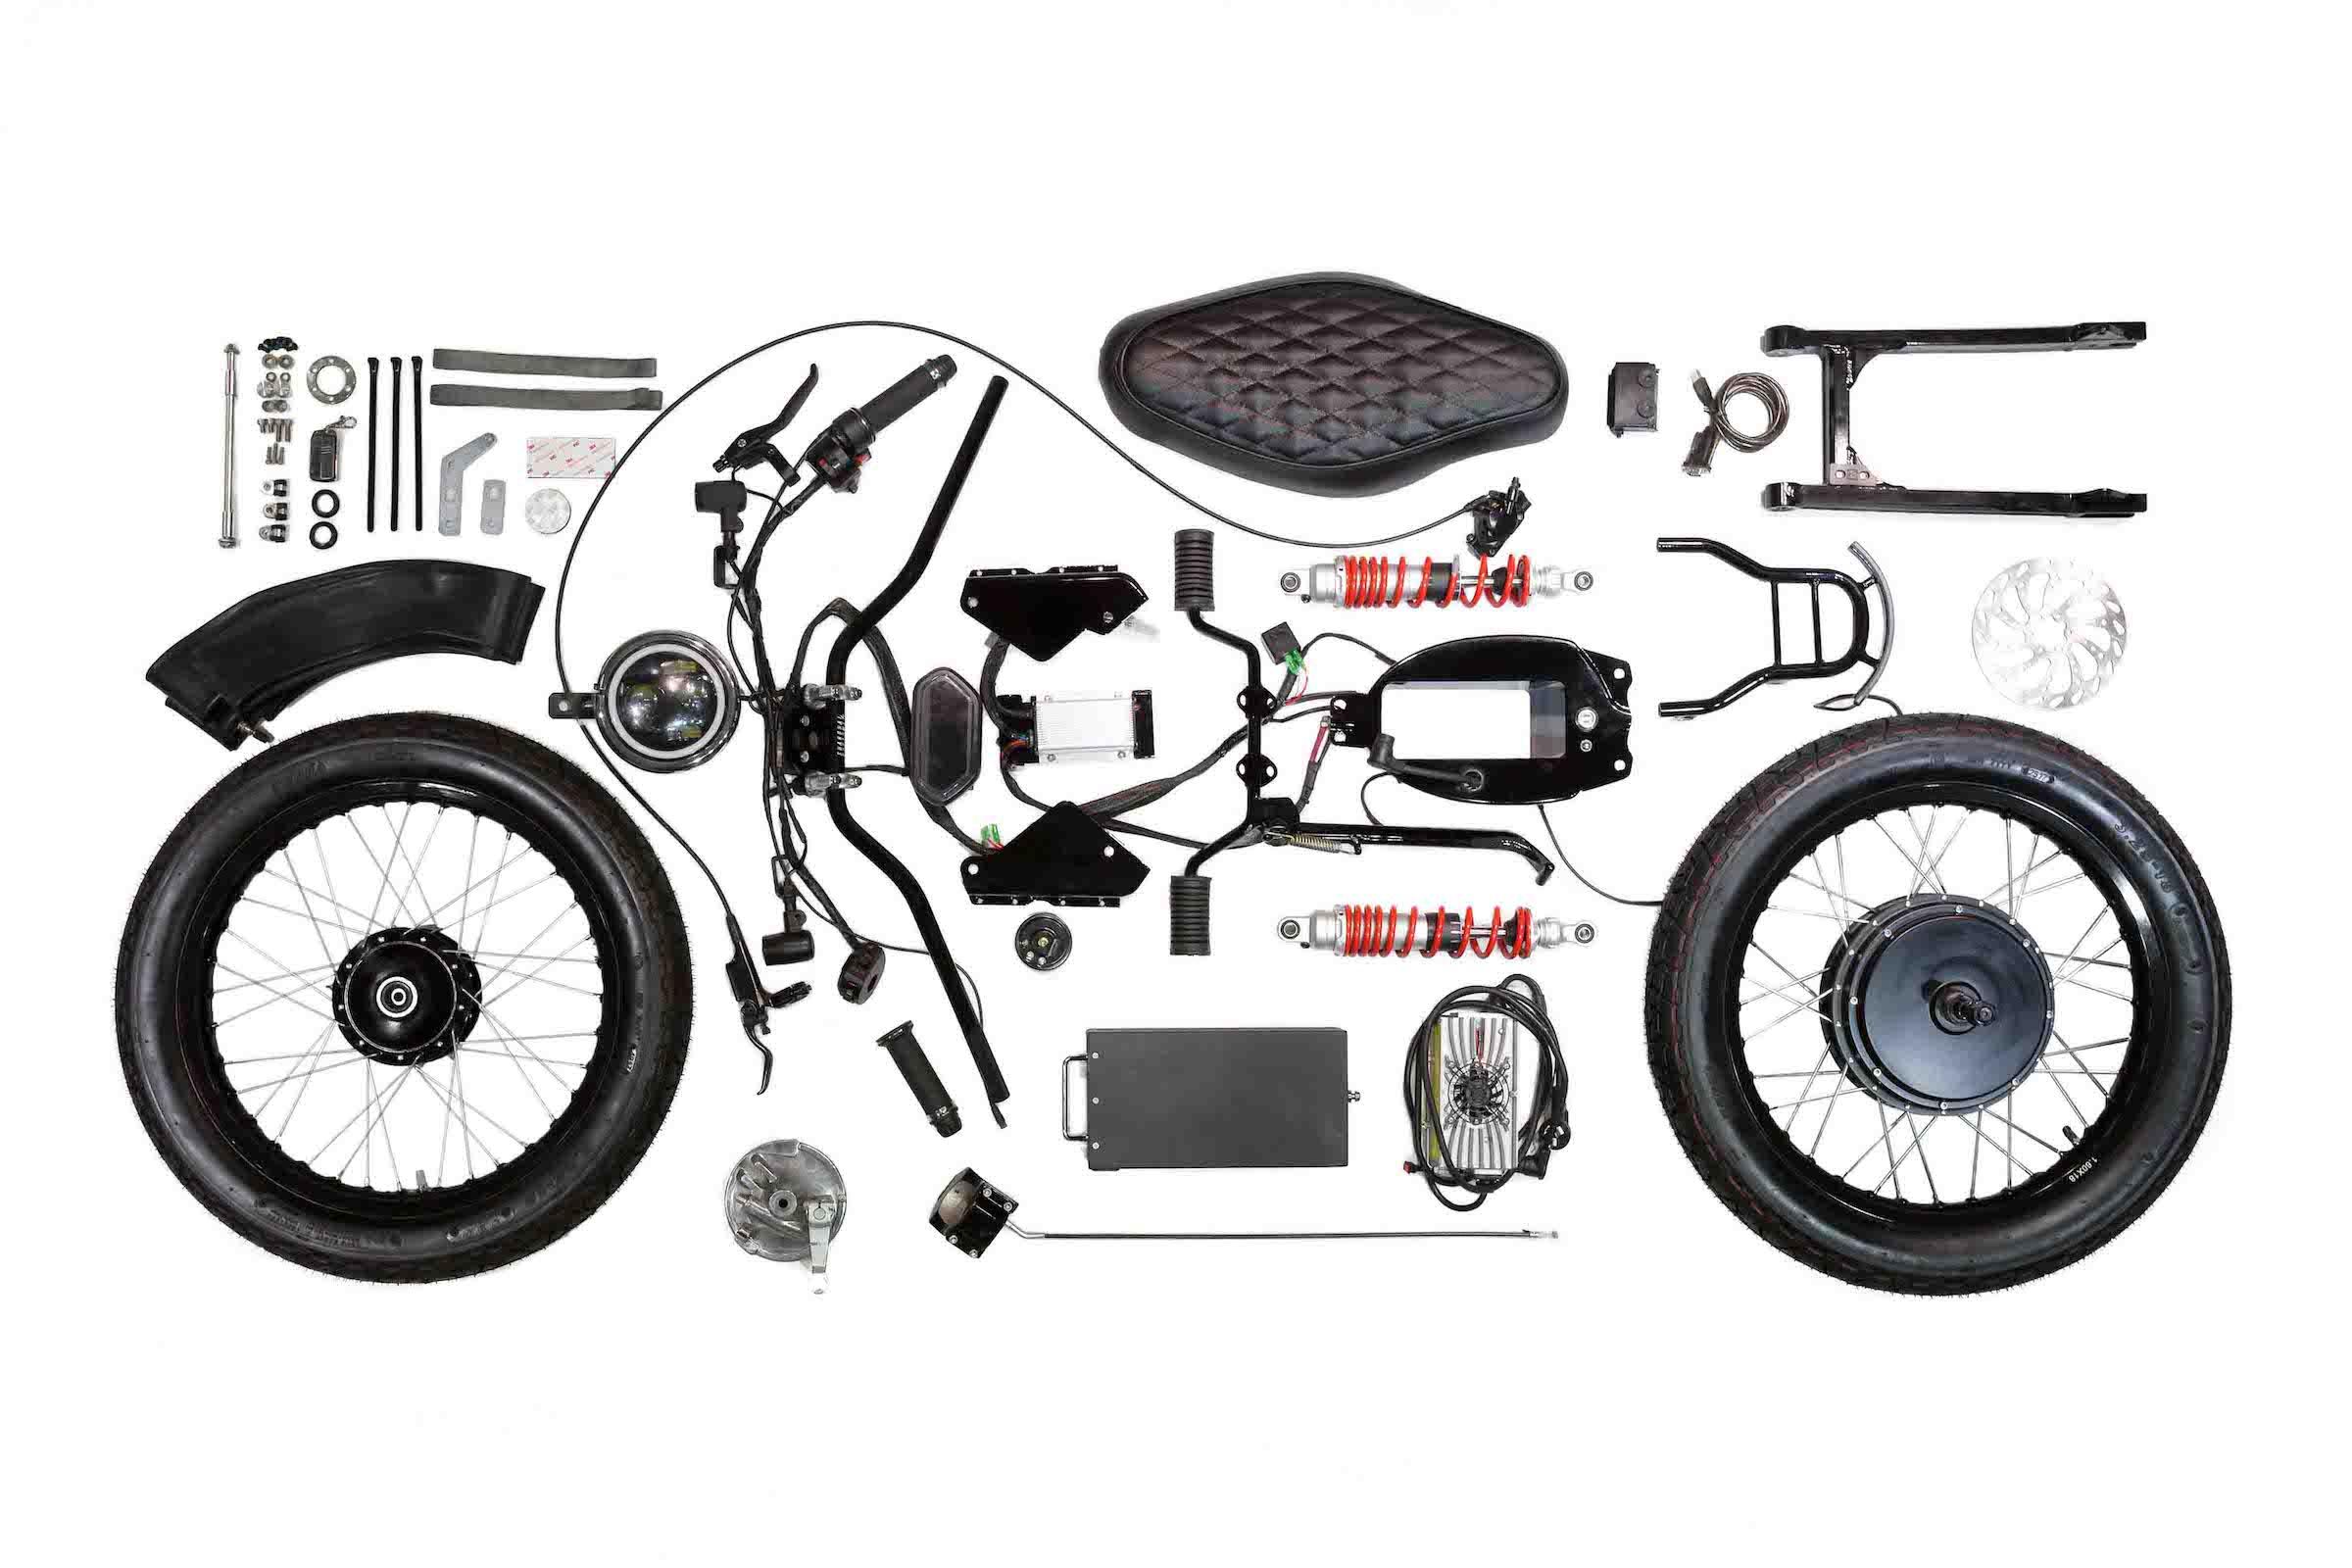 Honda eCub - Honda Cub Electric Conversion Kit By Shanghai Customs